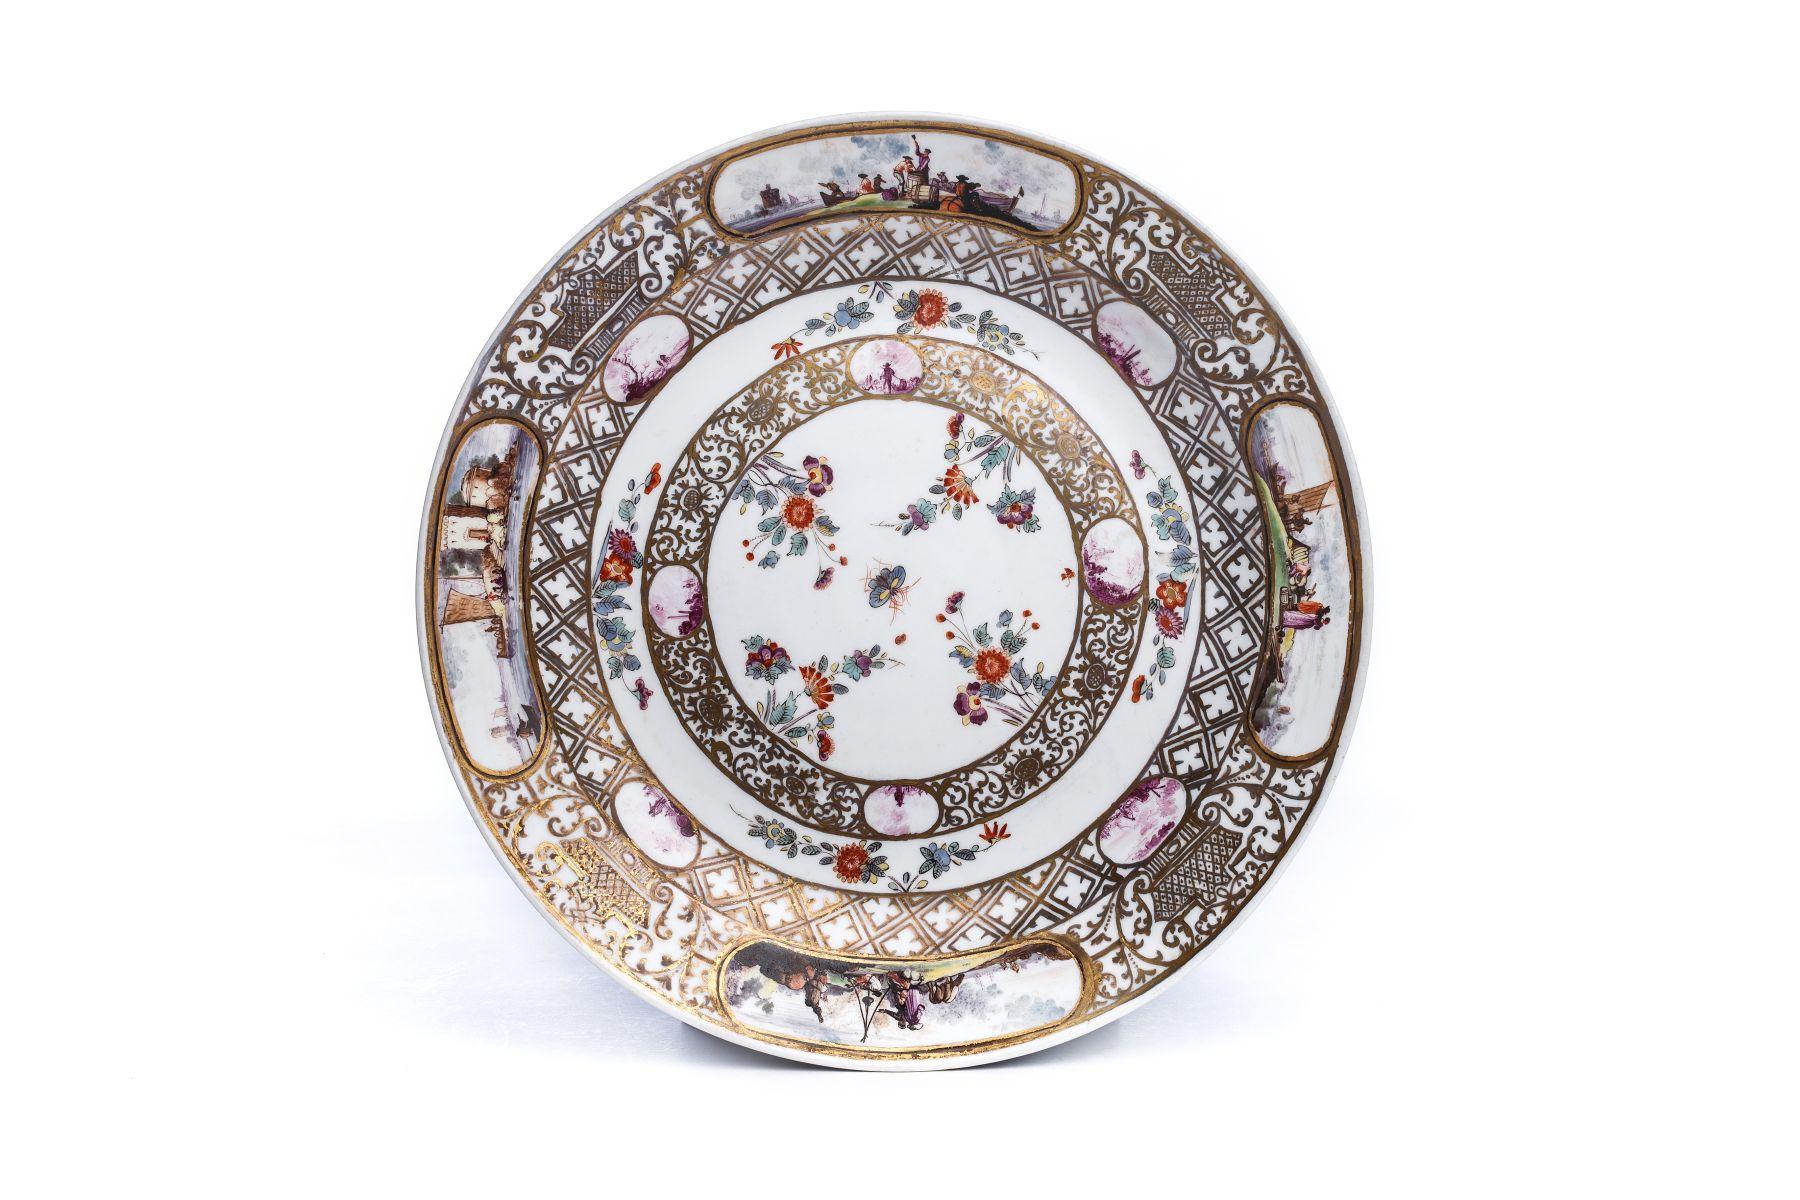 #50 Small splendor plate, Meissen 1730/35   Kleine Prunkplatte, Meissen 1730/35 Image